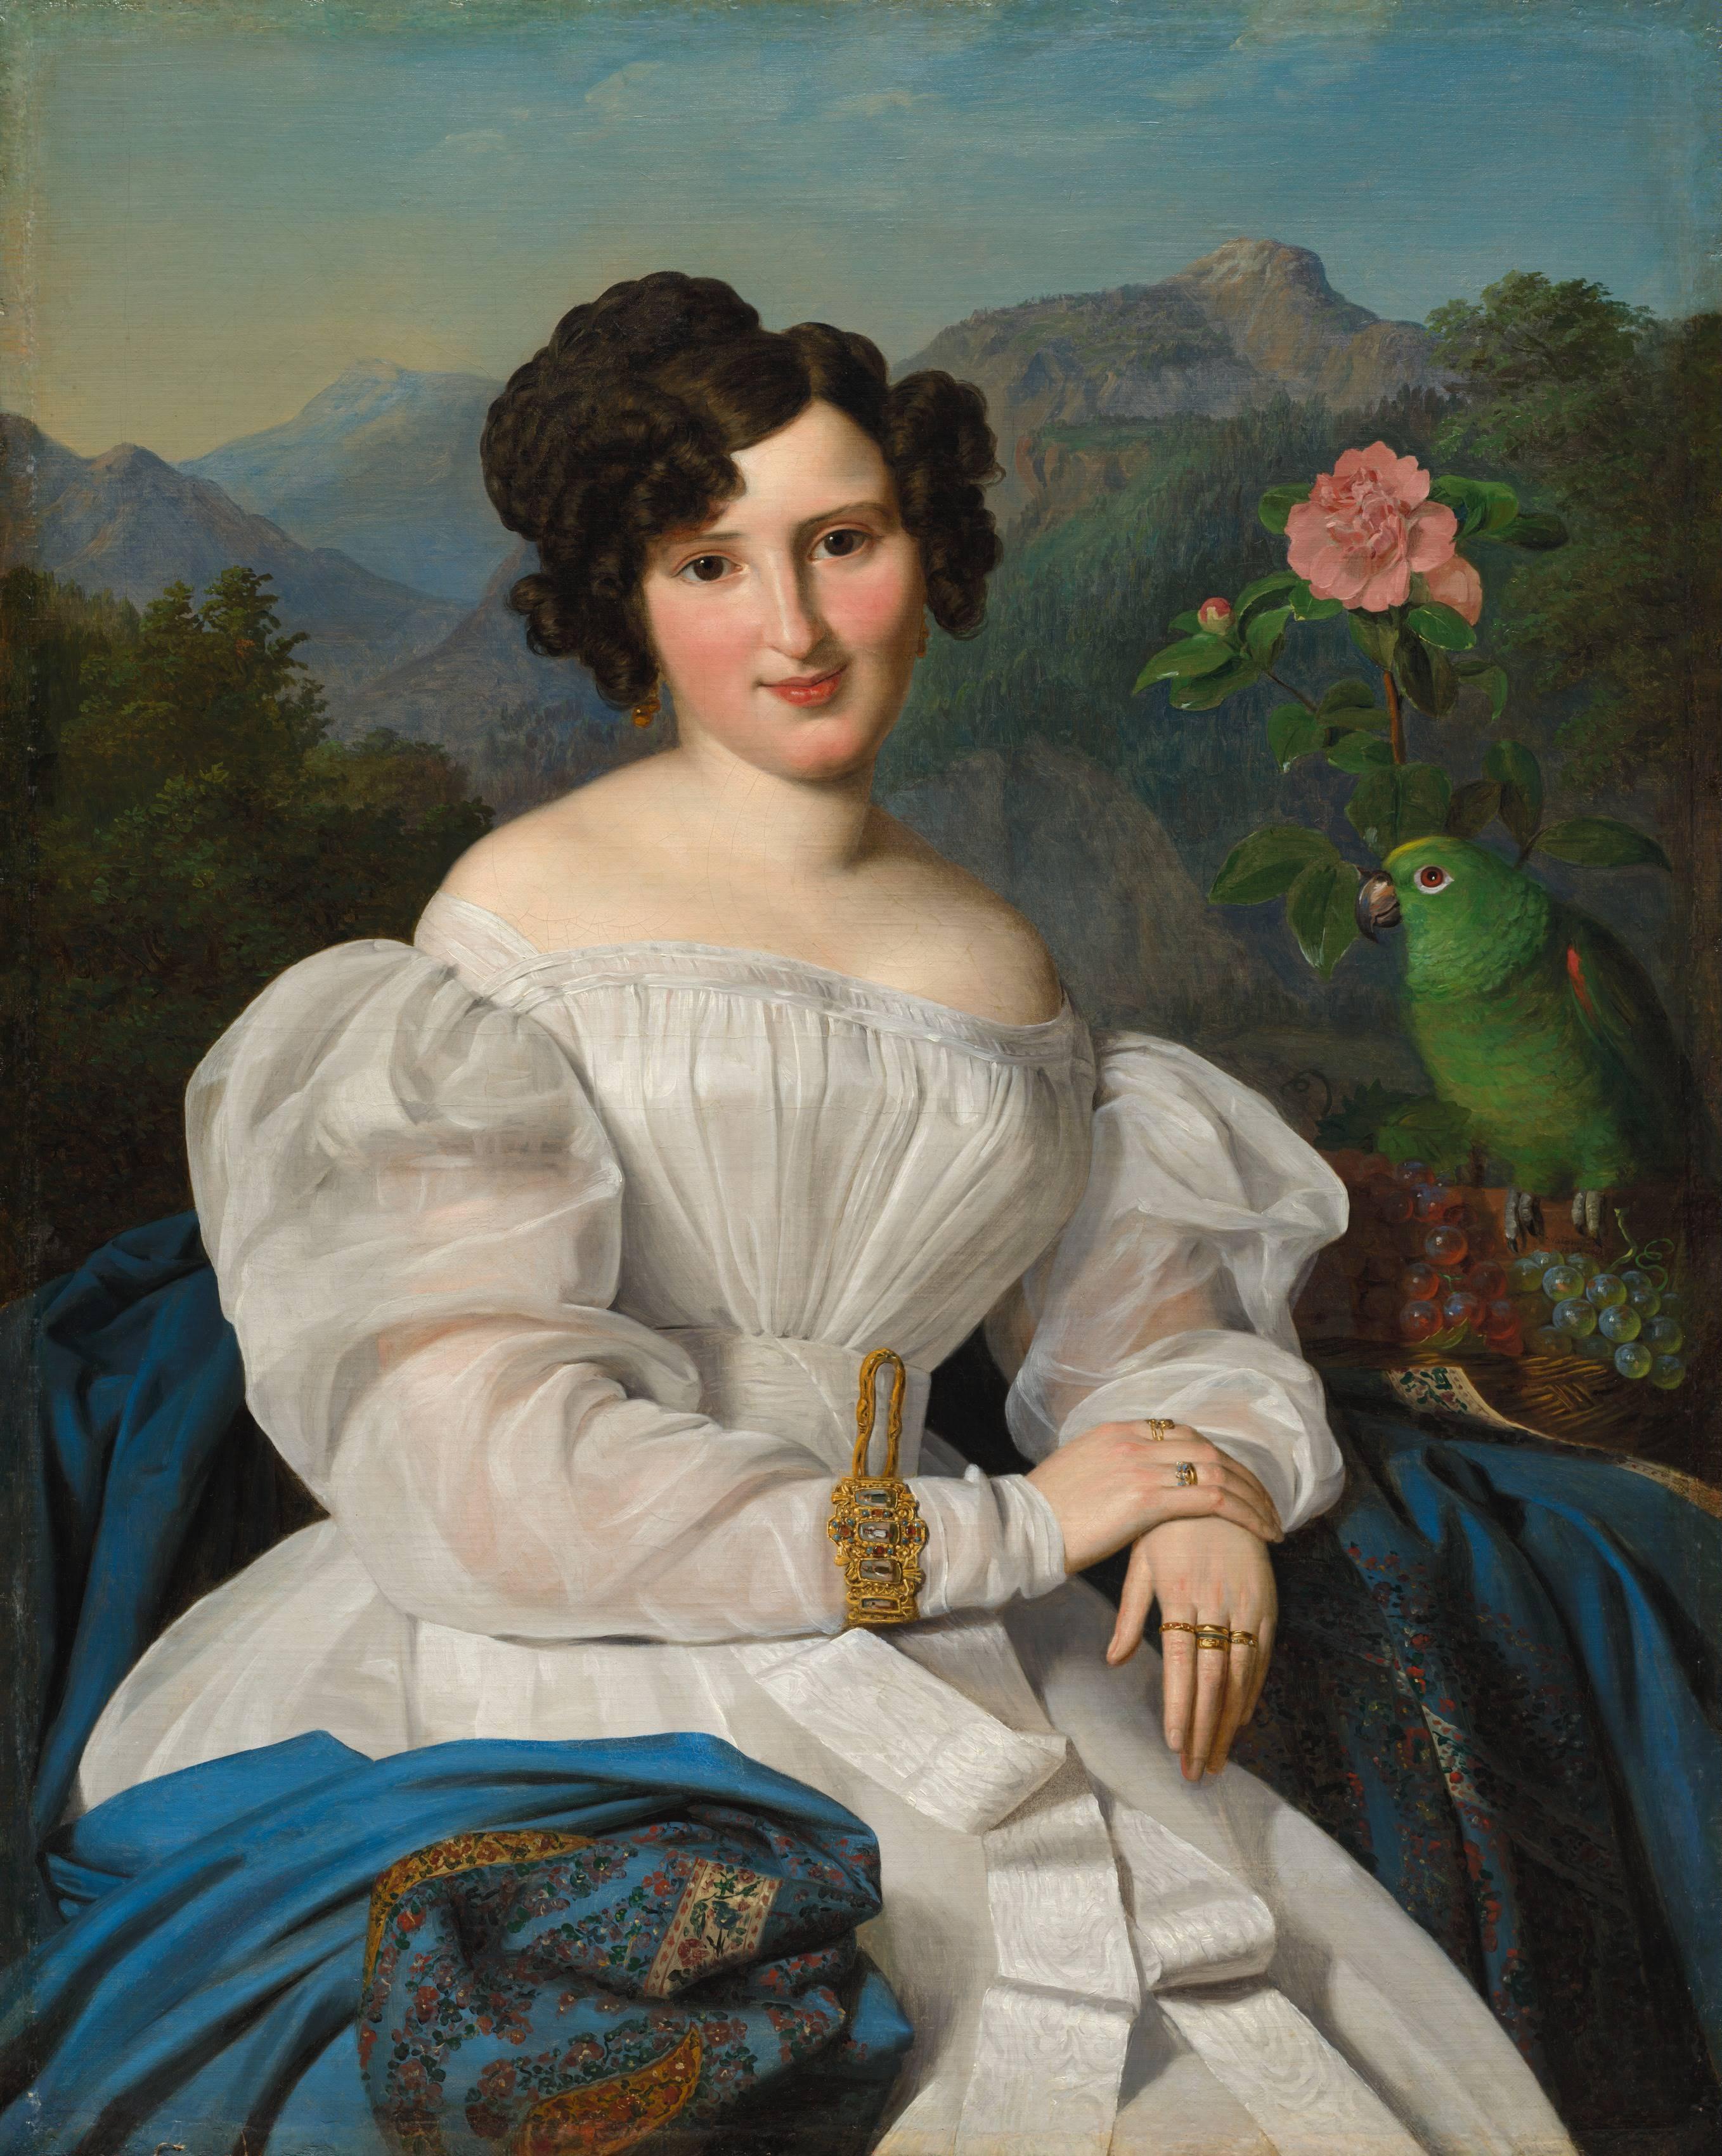 F. G. Waldmüller: Seilern Crescence grófnő, 1828.